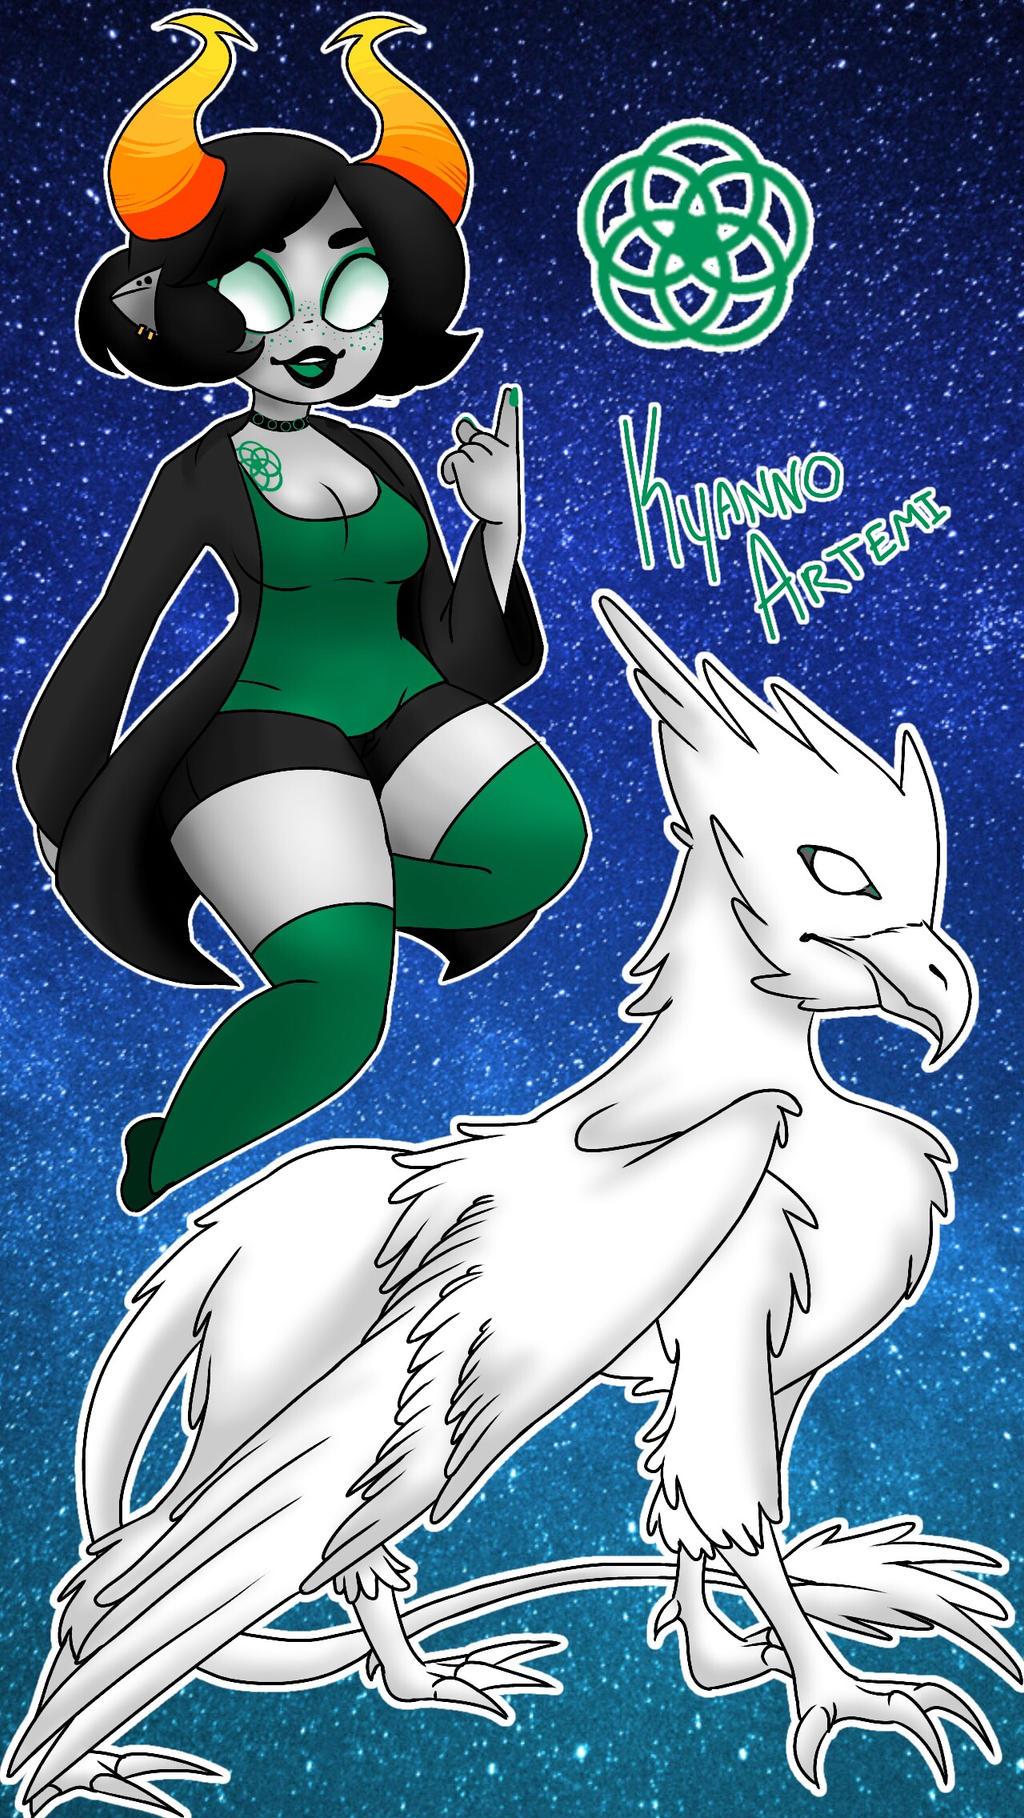 Kyanno Artemi (Bio in Description) by KaiNoKimi